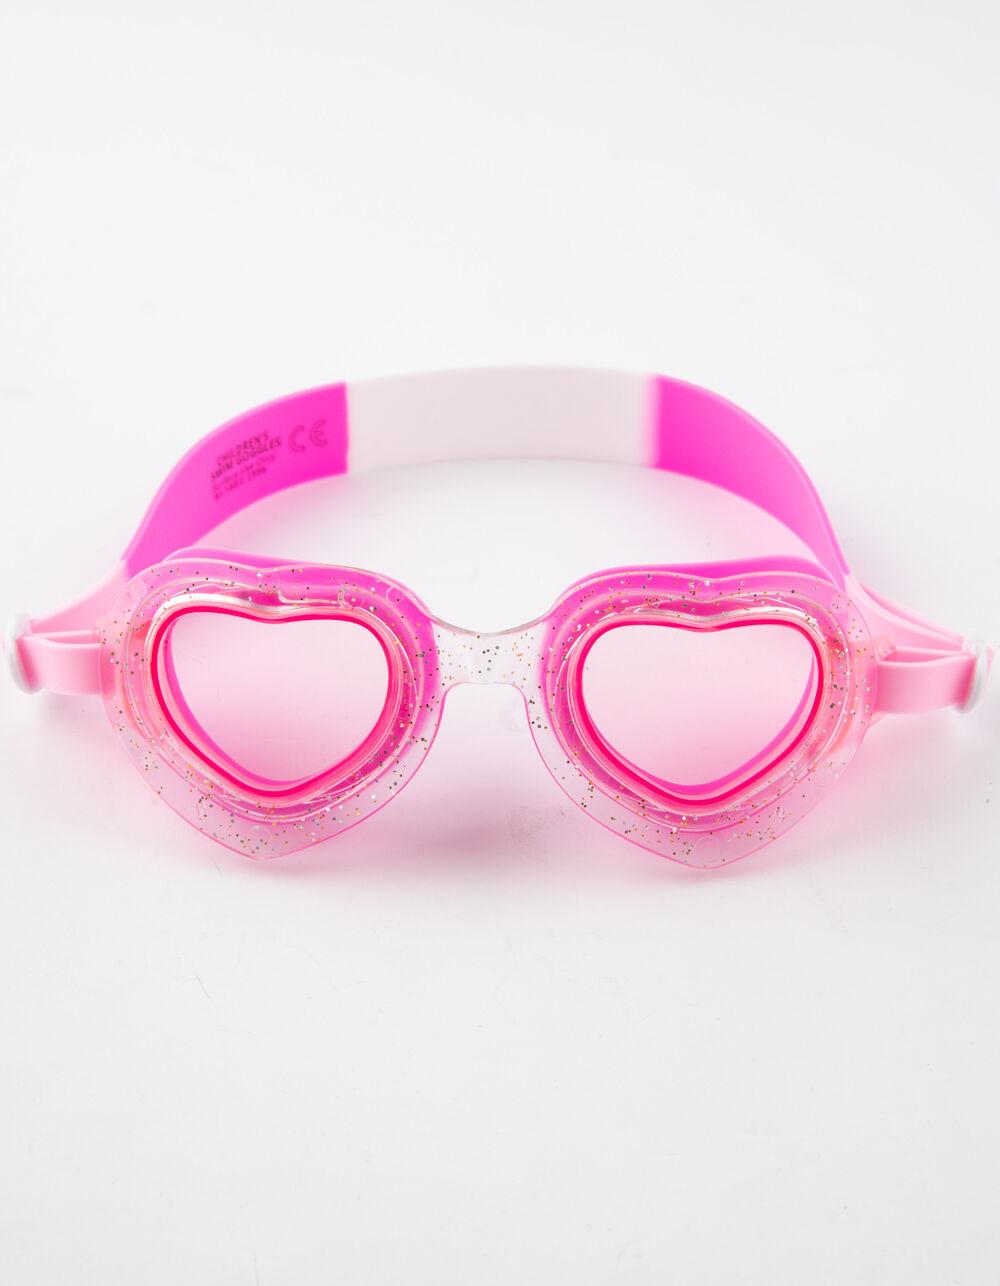 Image of AQUA2UDE Bling Heart Girls Swim Goggles